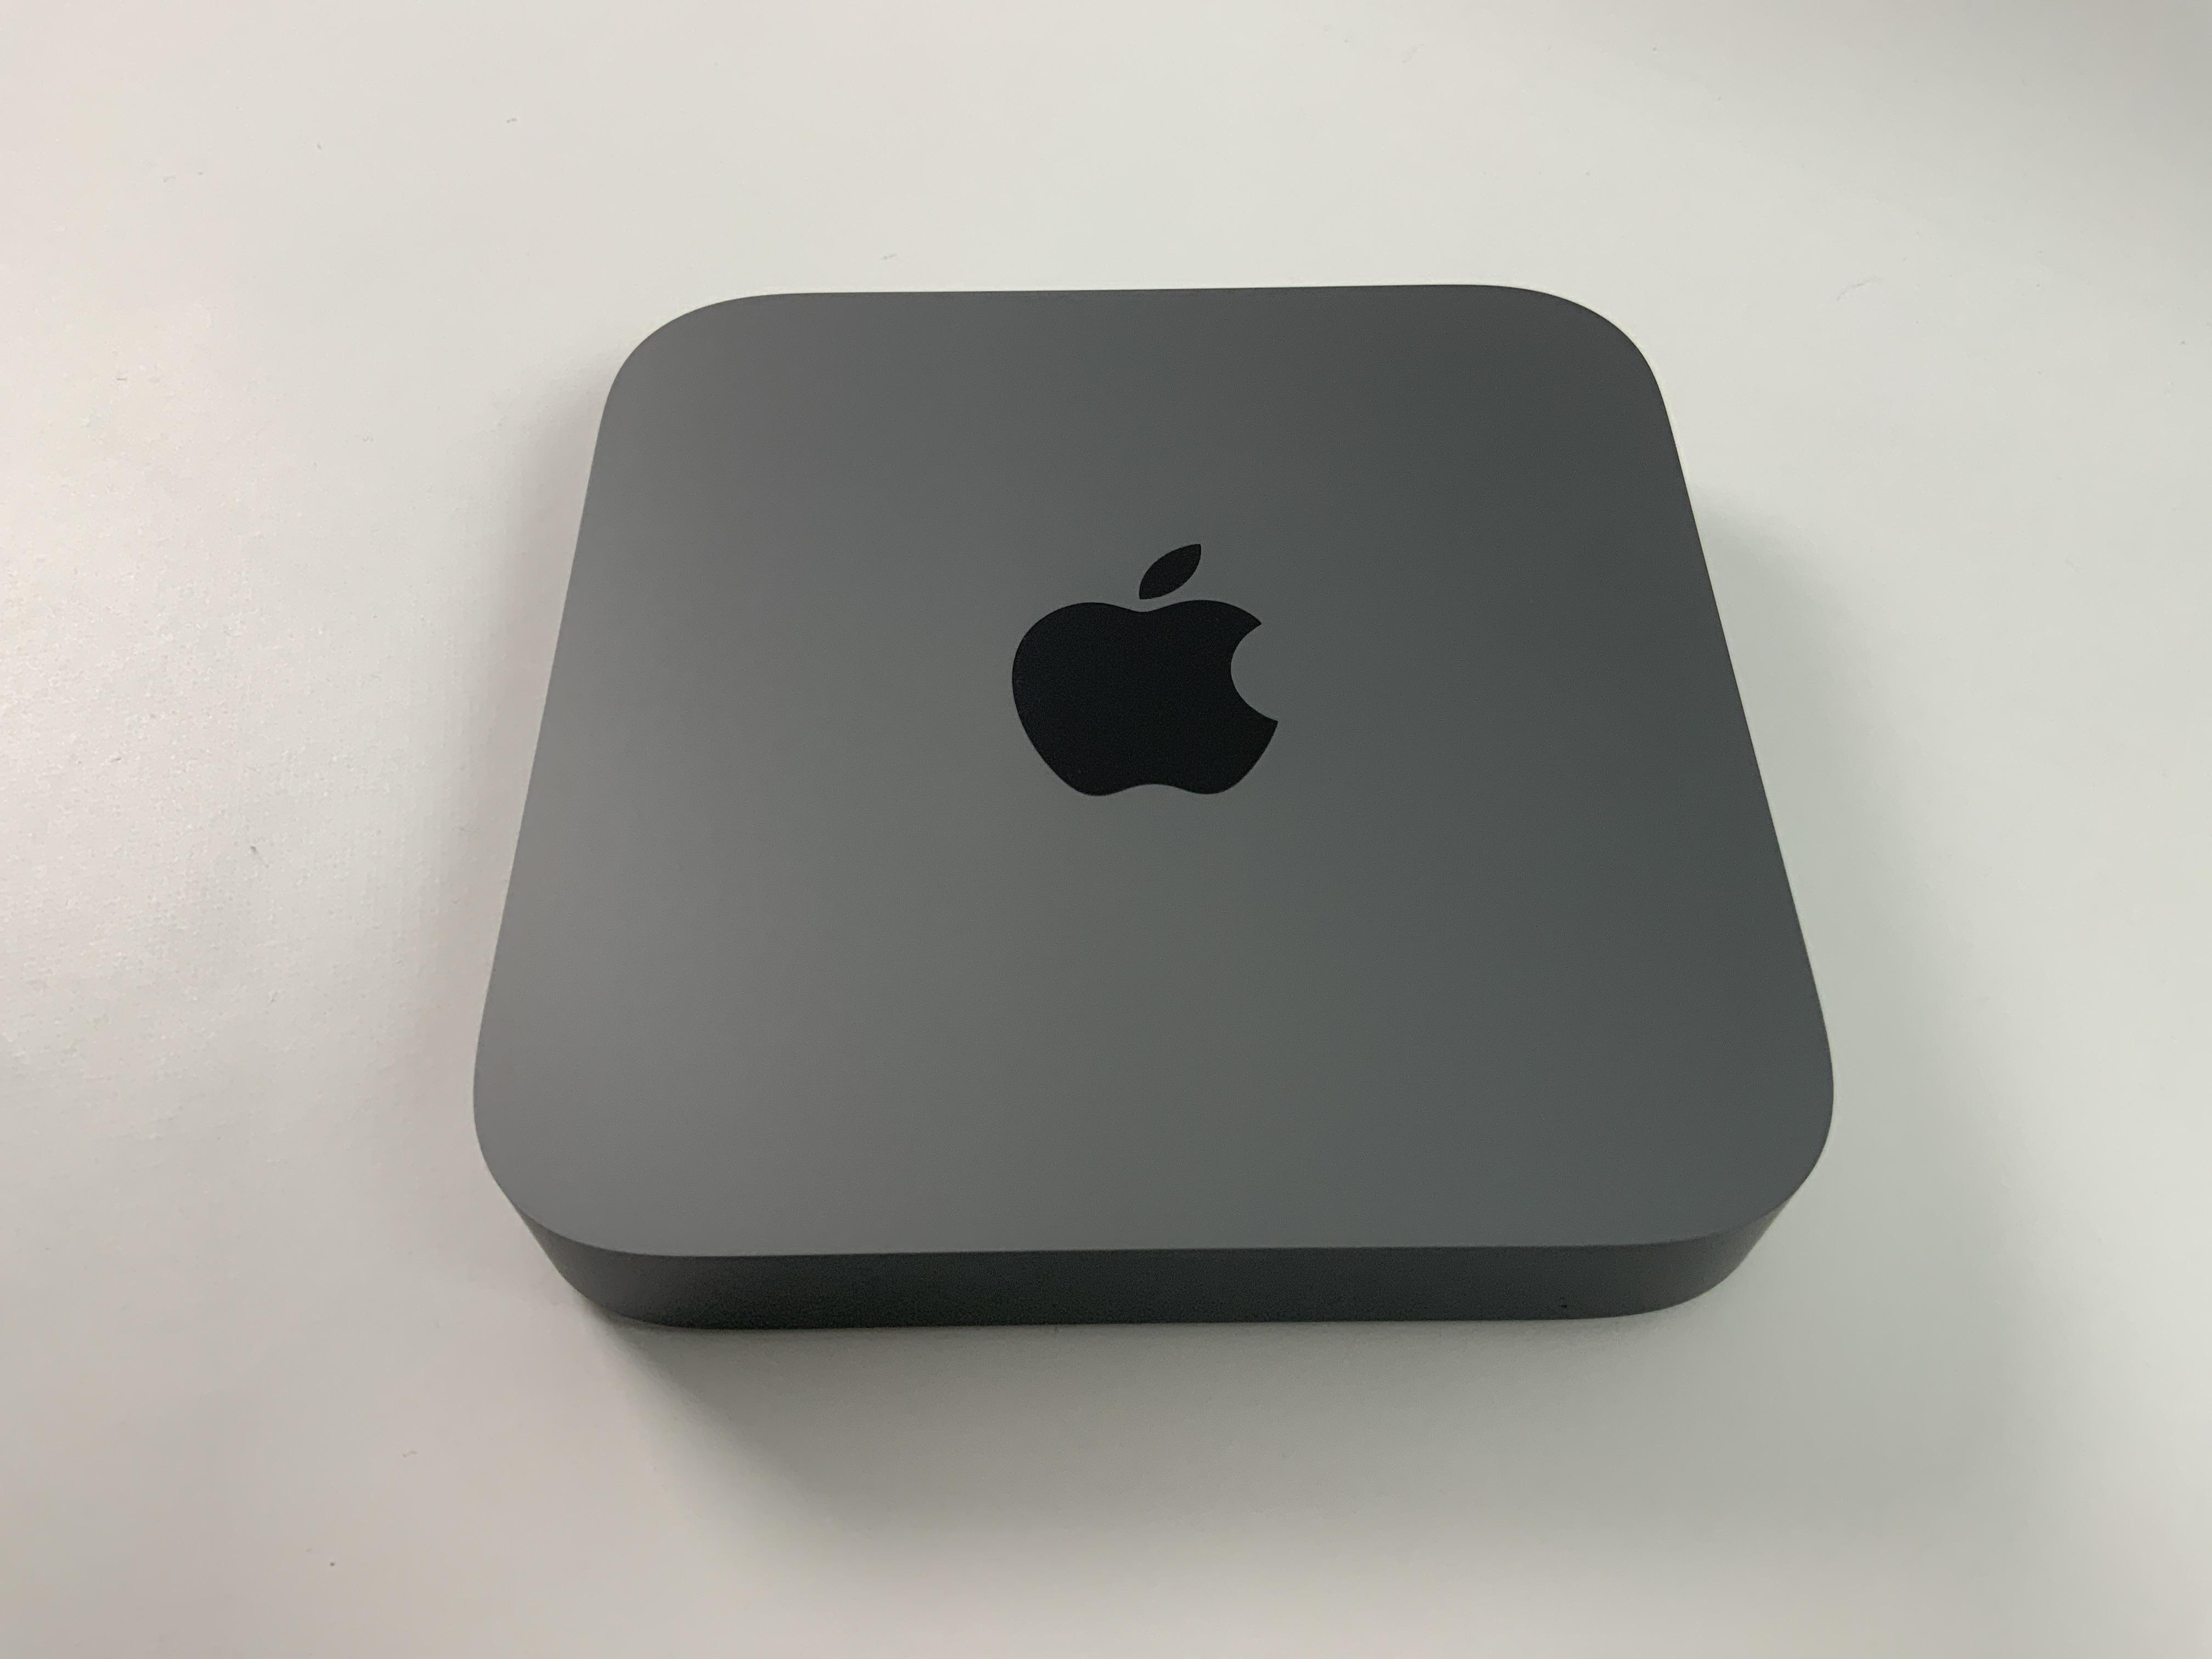 Mac Mini Late 2018 (Intel Quad-Core i3 3.6 GHz 32 GB RAM 128 GB SSD), Intel Quad-Core i3 3.6 GHz, 32 GB RAM, 128 GB SSD, immagine 1